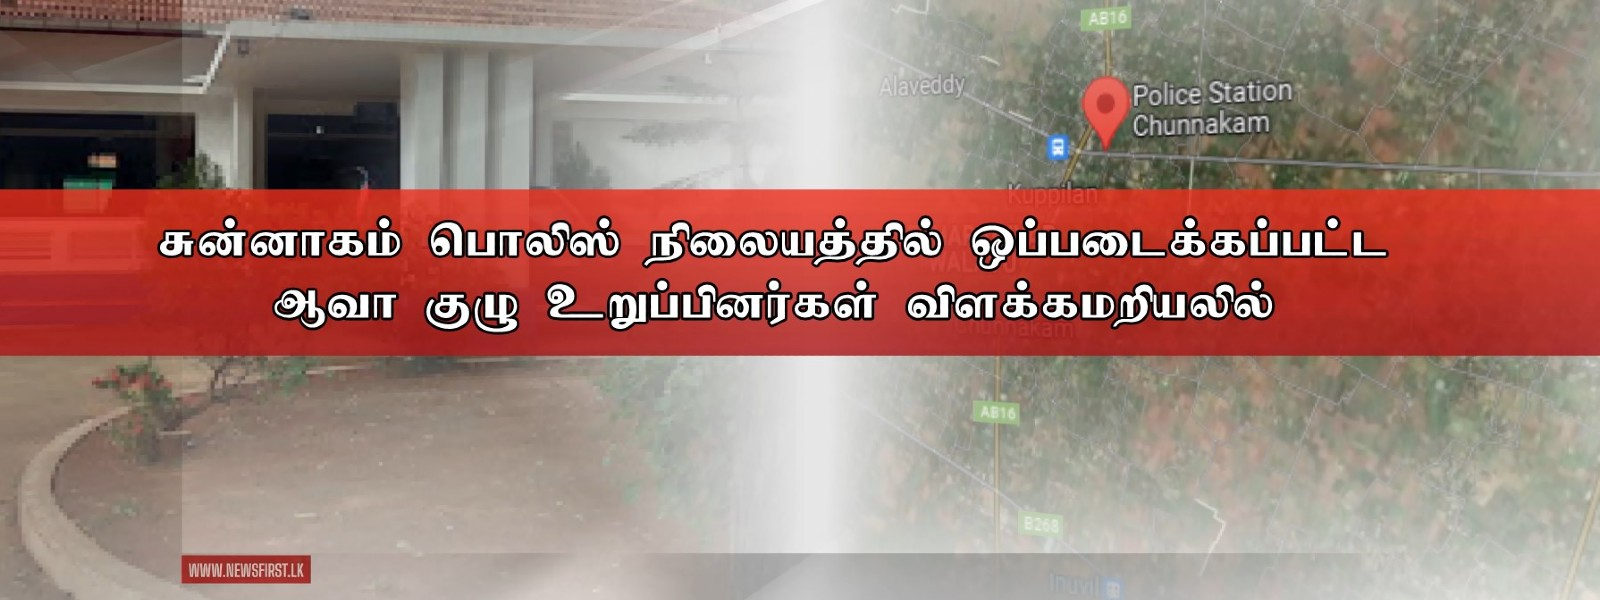 சுன்னாகம் பொலிஸில் ஒப்படைக்கப்பட்ட ஆவா குழு உறுப்பினர்களுக்கு விளக்கமறியல்